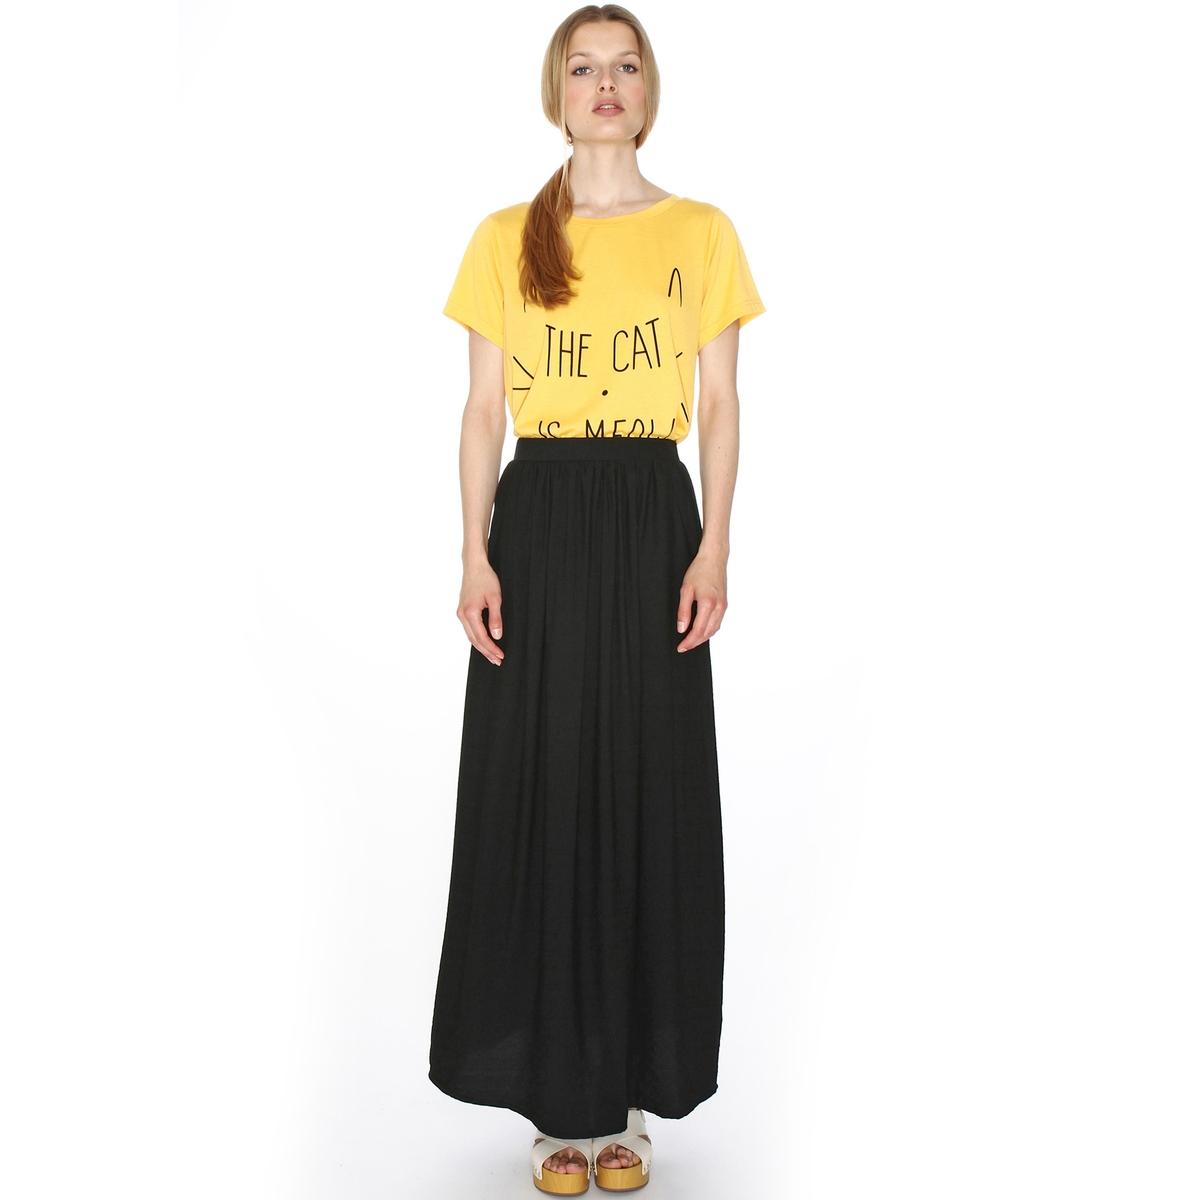 Юбка длинная расклешеннаяМатериал : 45% полиамида, 55% полиэстера  Рисунок : однотонная модель Длина юбки : короткая<br><br>Цвет: черный